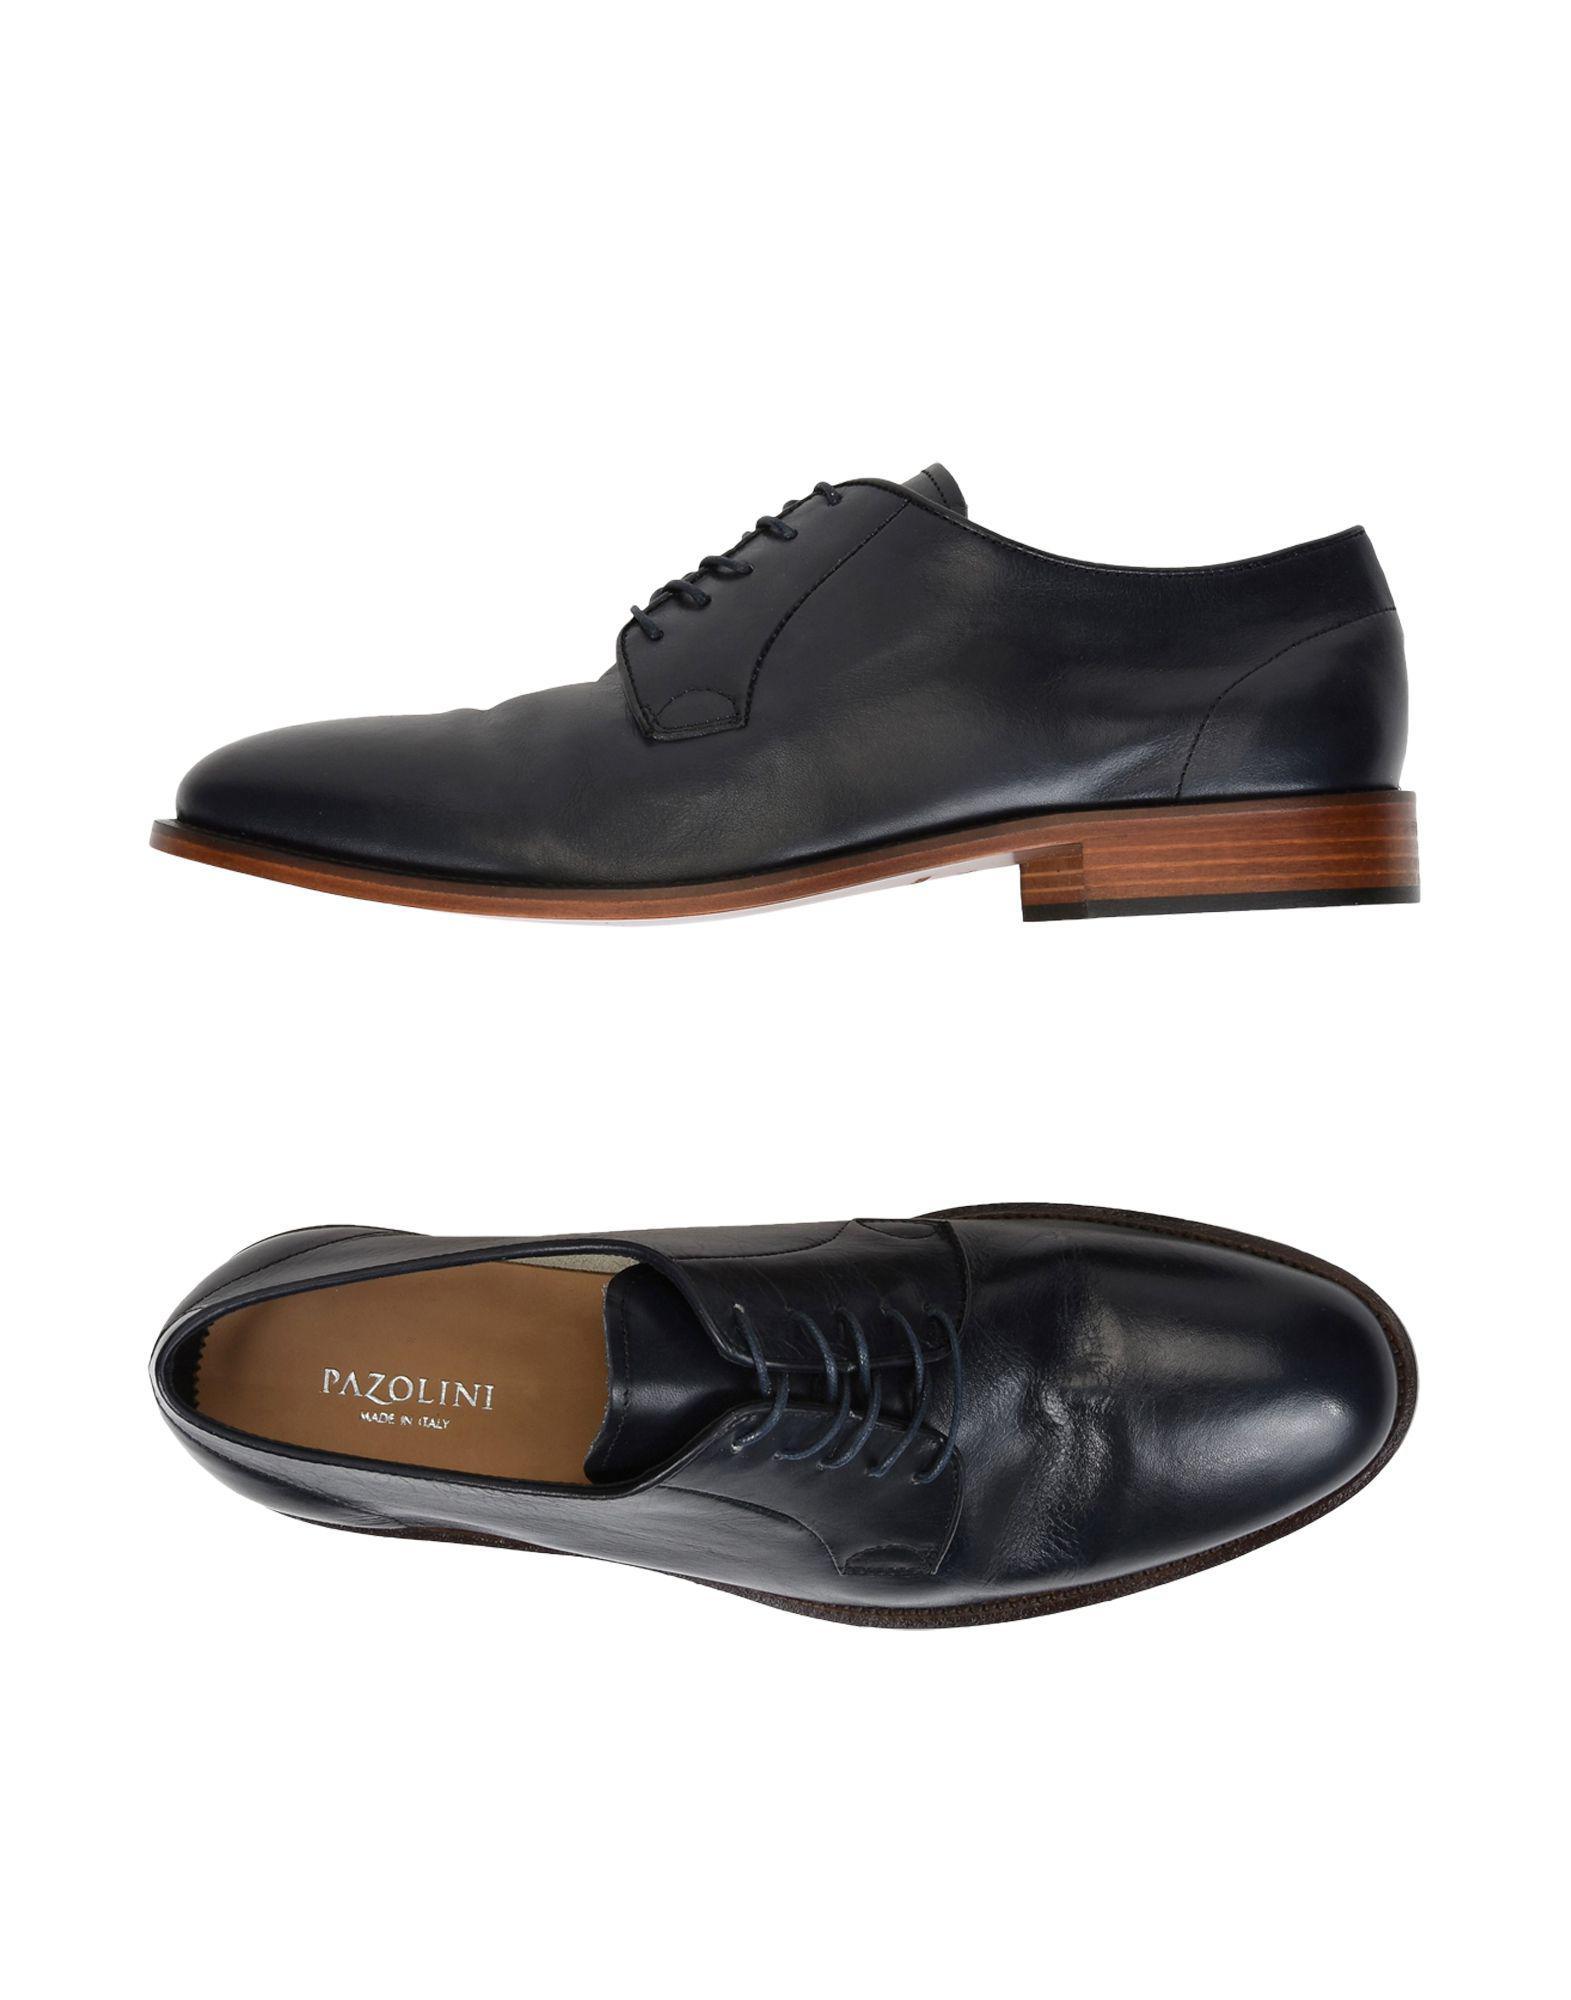 CARLO PAZOLINI Laced shoes Dark blue Men